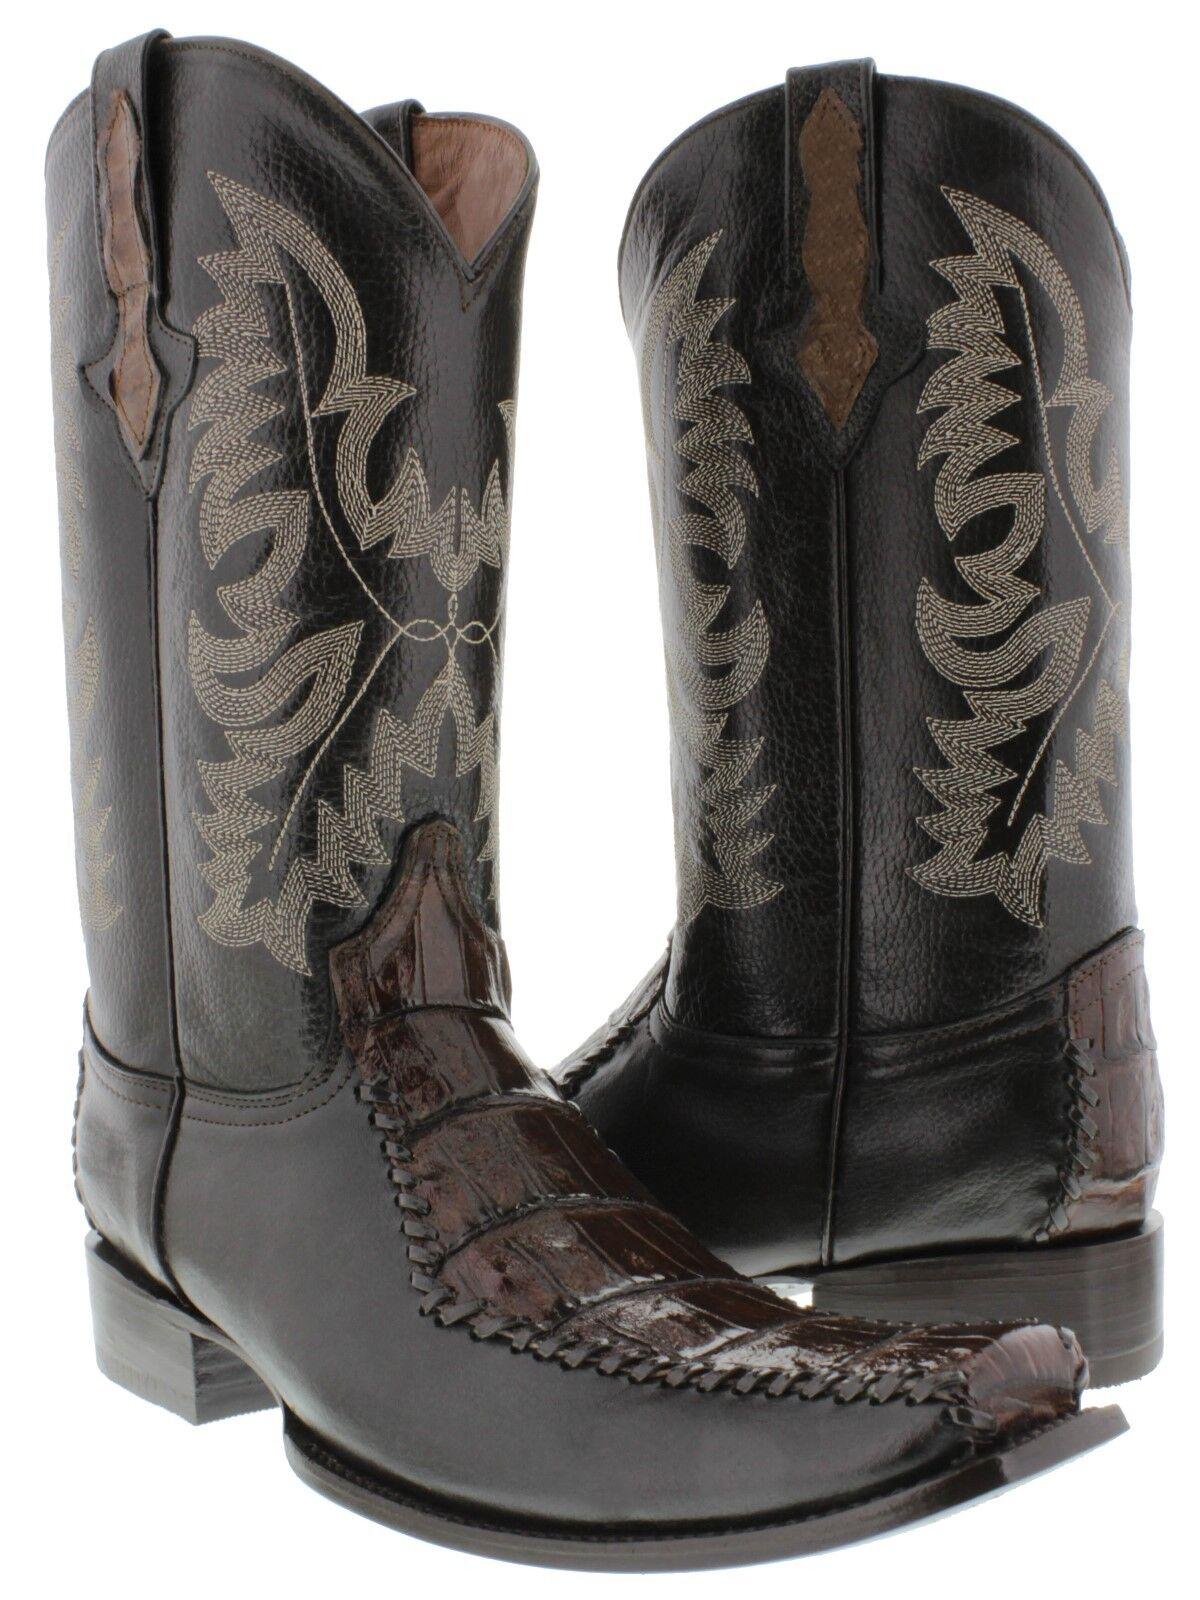 Para hombres Cuero Marrón Real Cocodrilo Moda Estilo Puntera Cuadrada Rodeo botas de vaquero